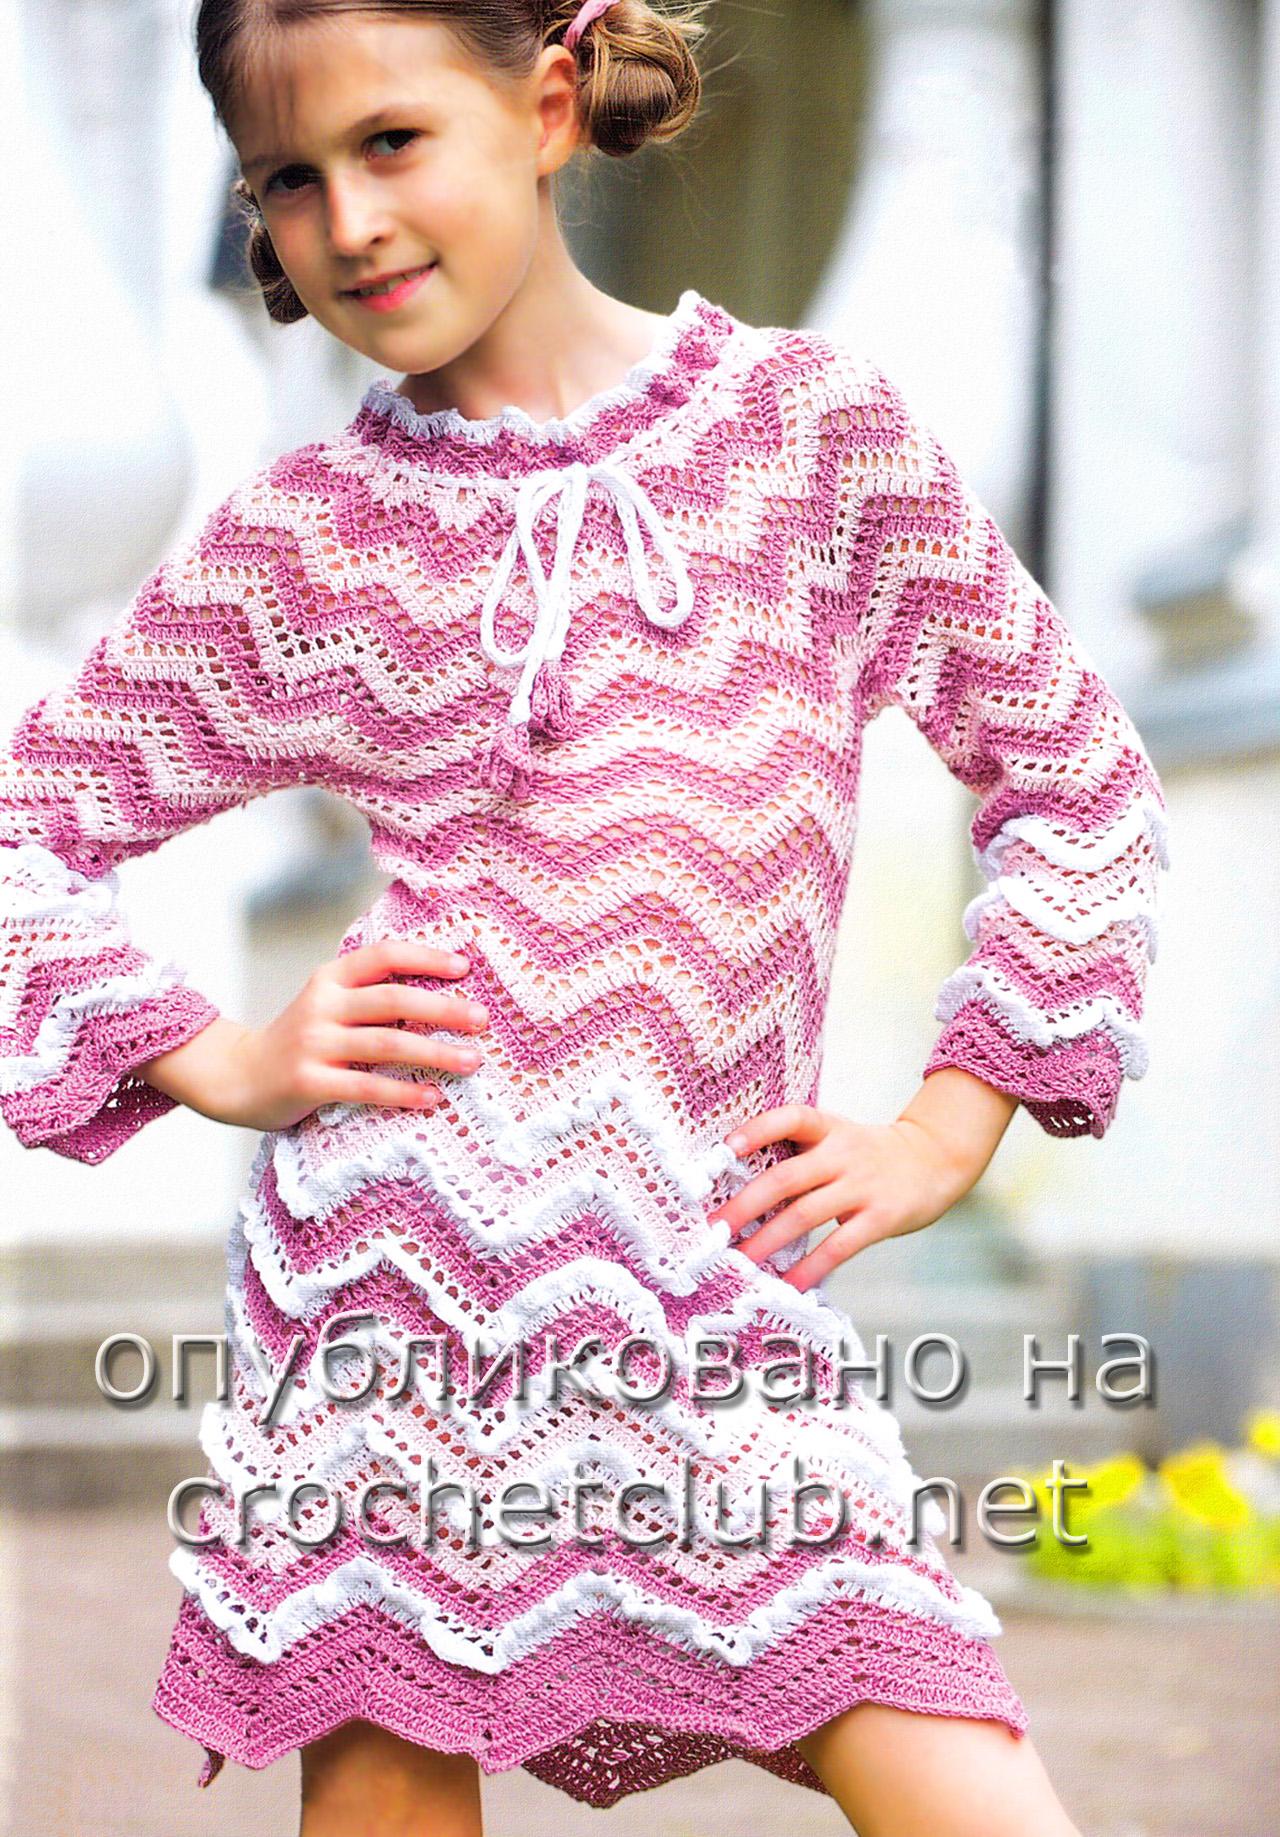 Вязание крючком схема узора для платья